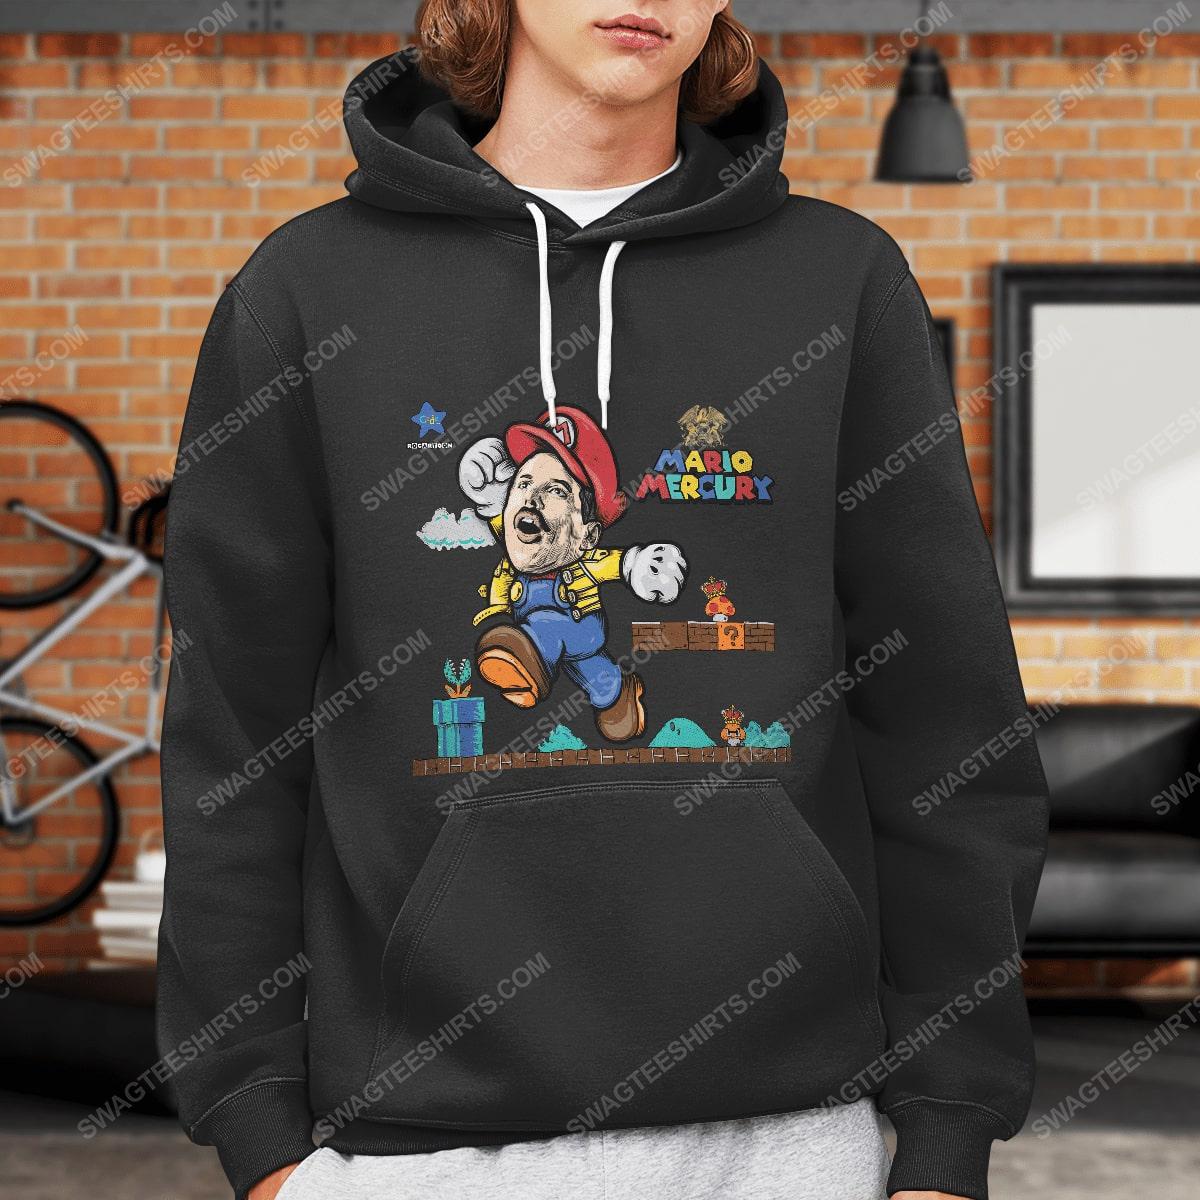 Game super mario and freddie mercury hoodie 1(1)